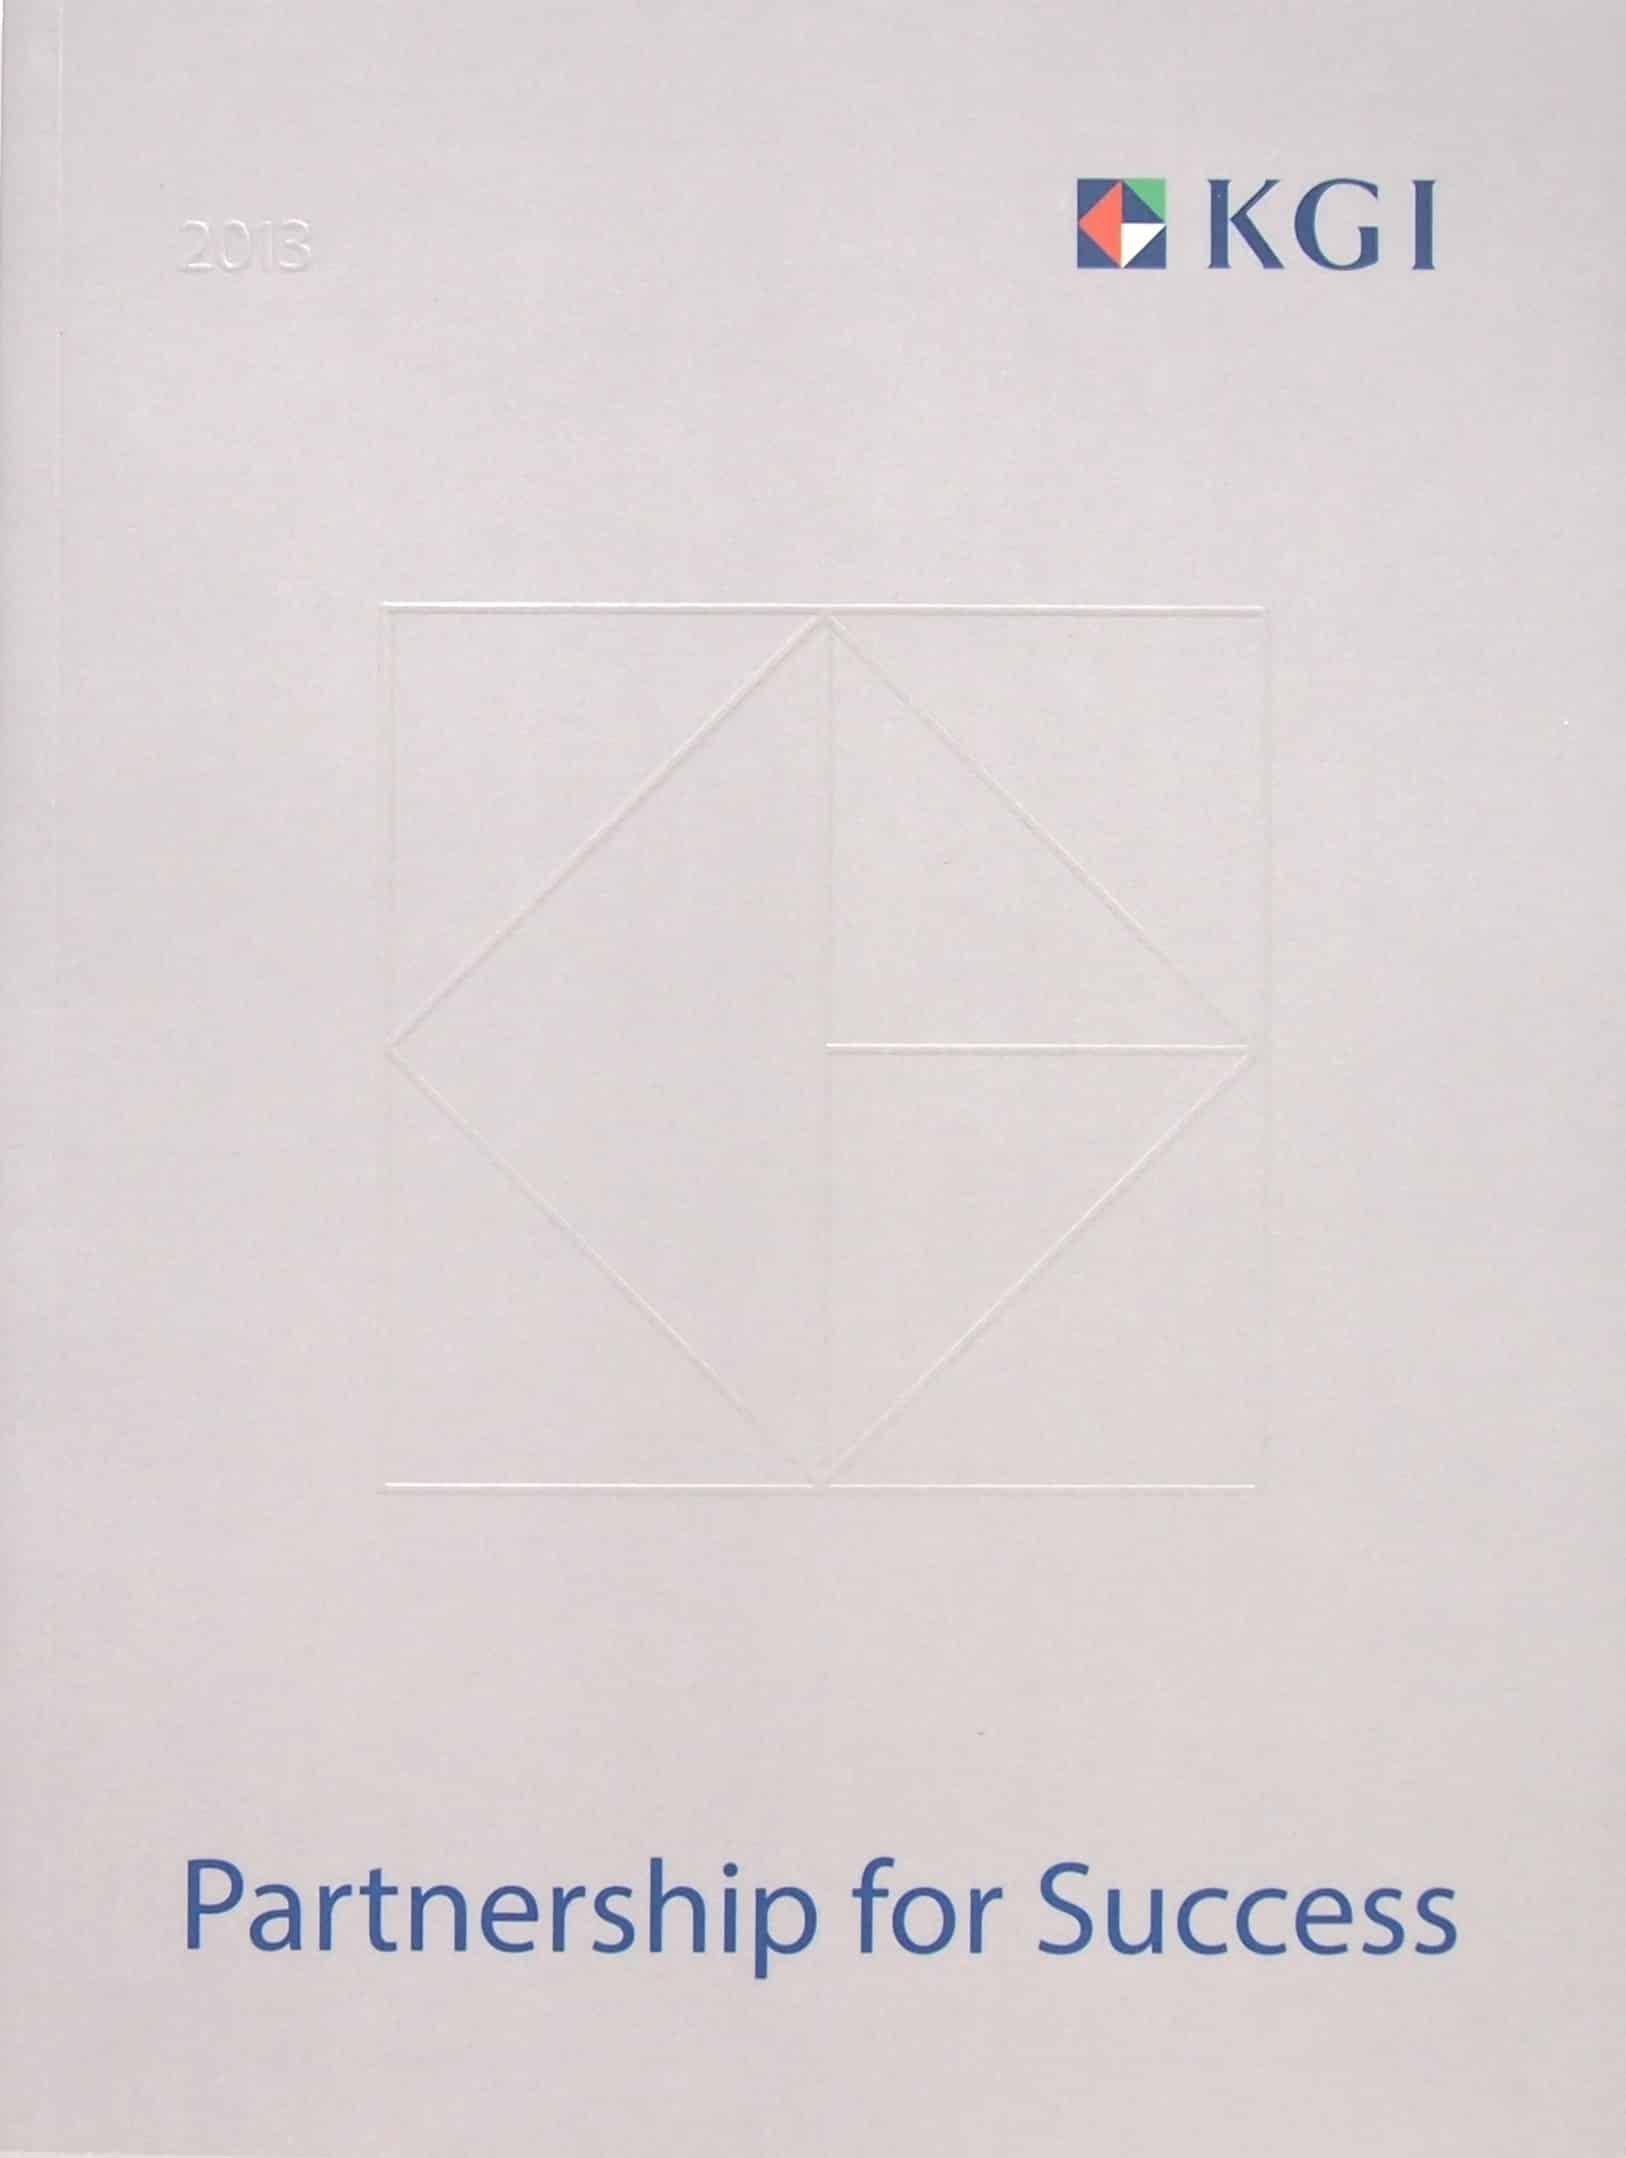 รูป Annual Reort2 - ประกอบเนื้อหา รายงานประจำปี